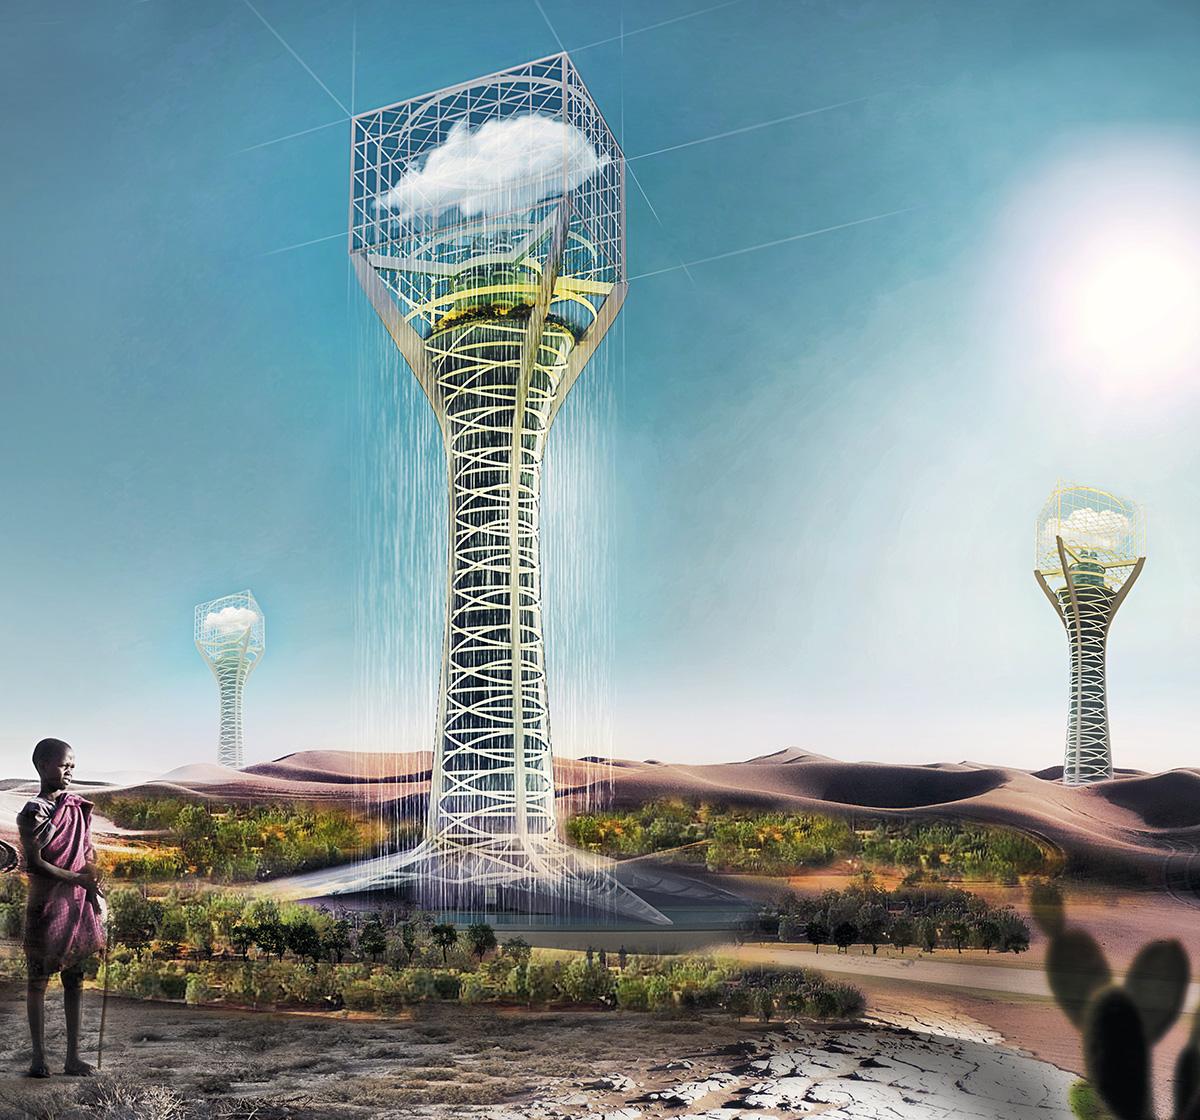 Строить искусственные погодные станции предлагается взасушливых регионах планеты.